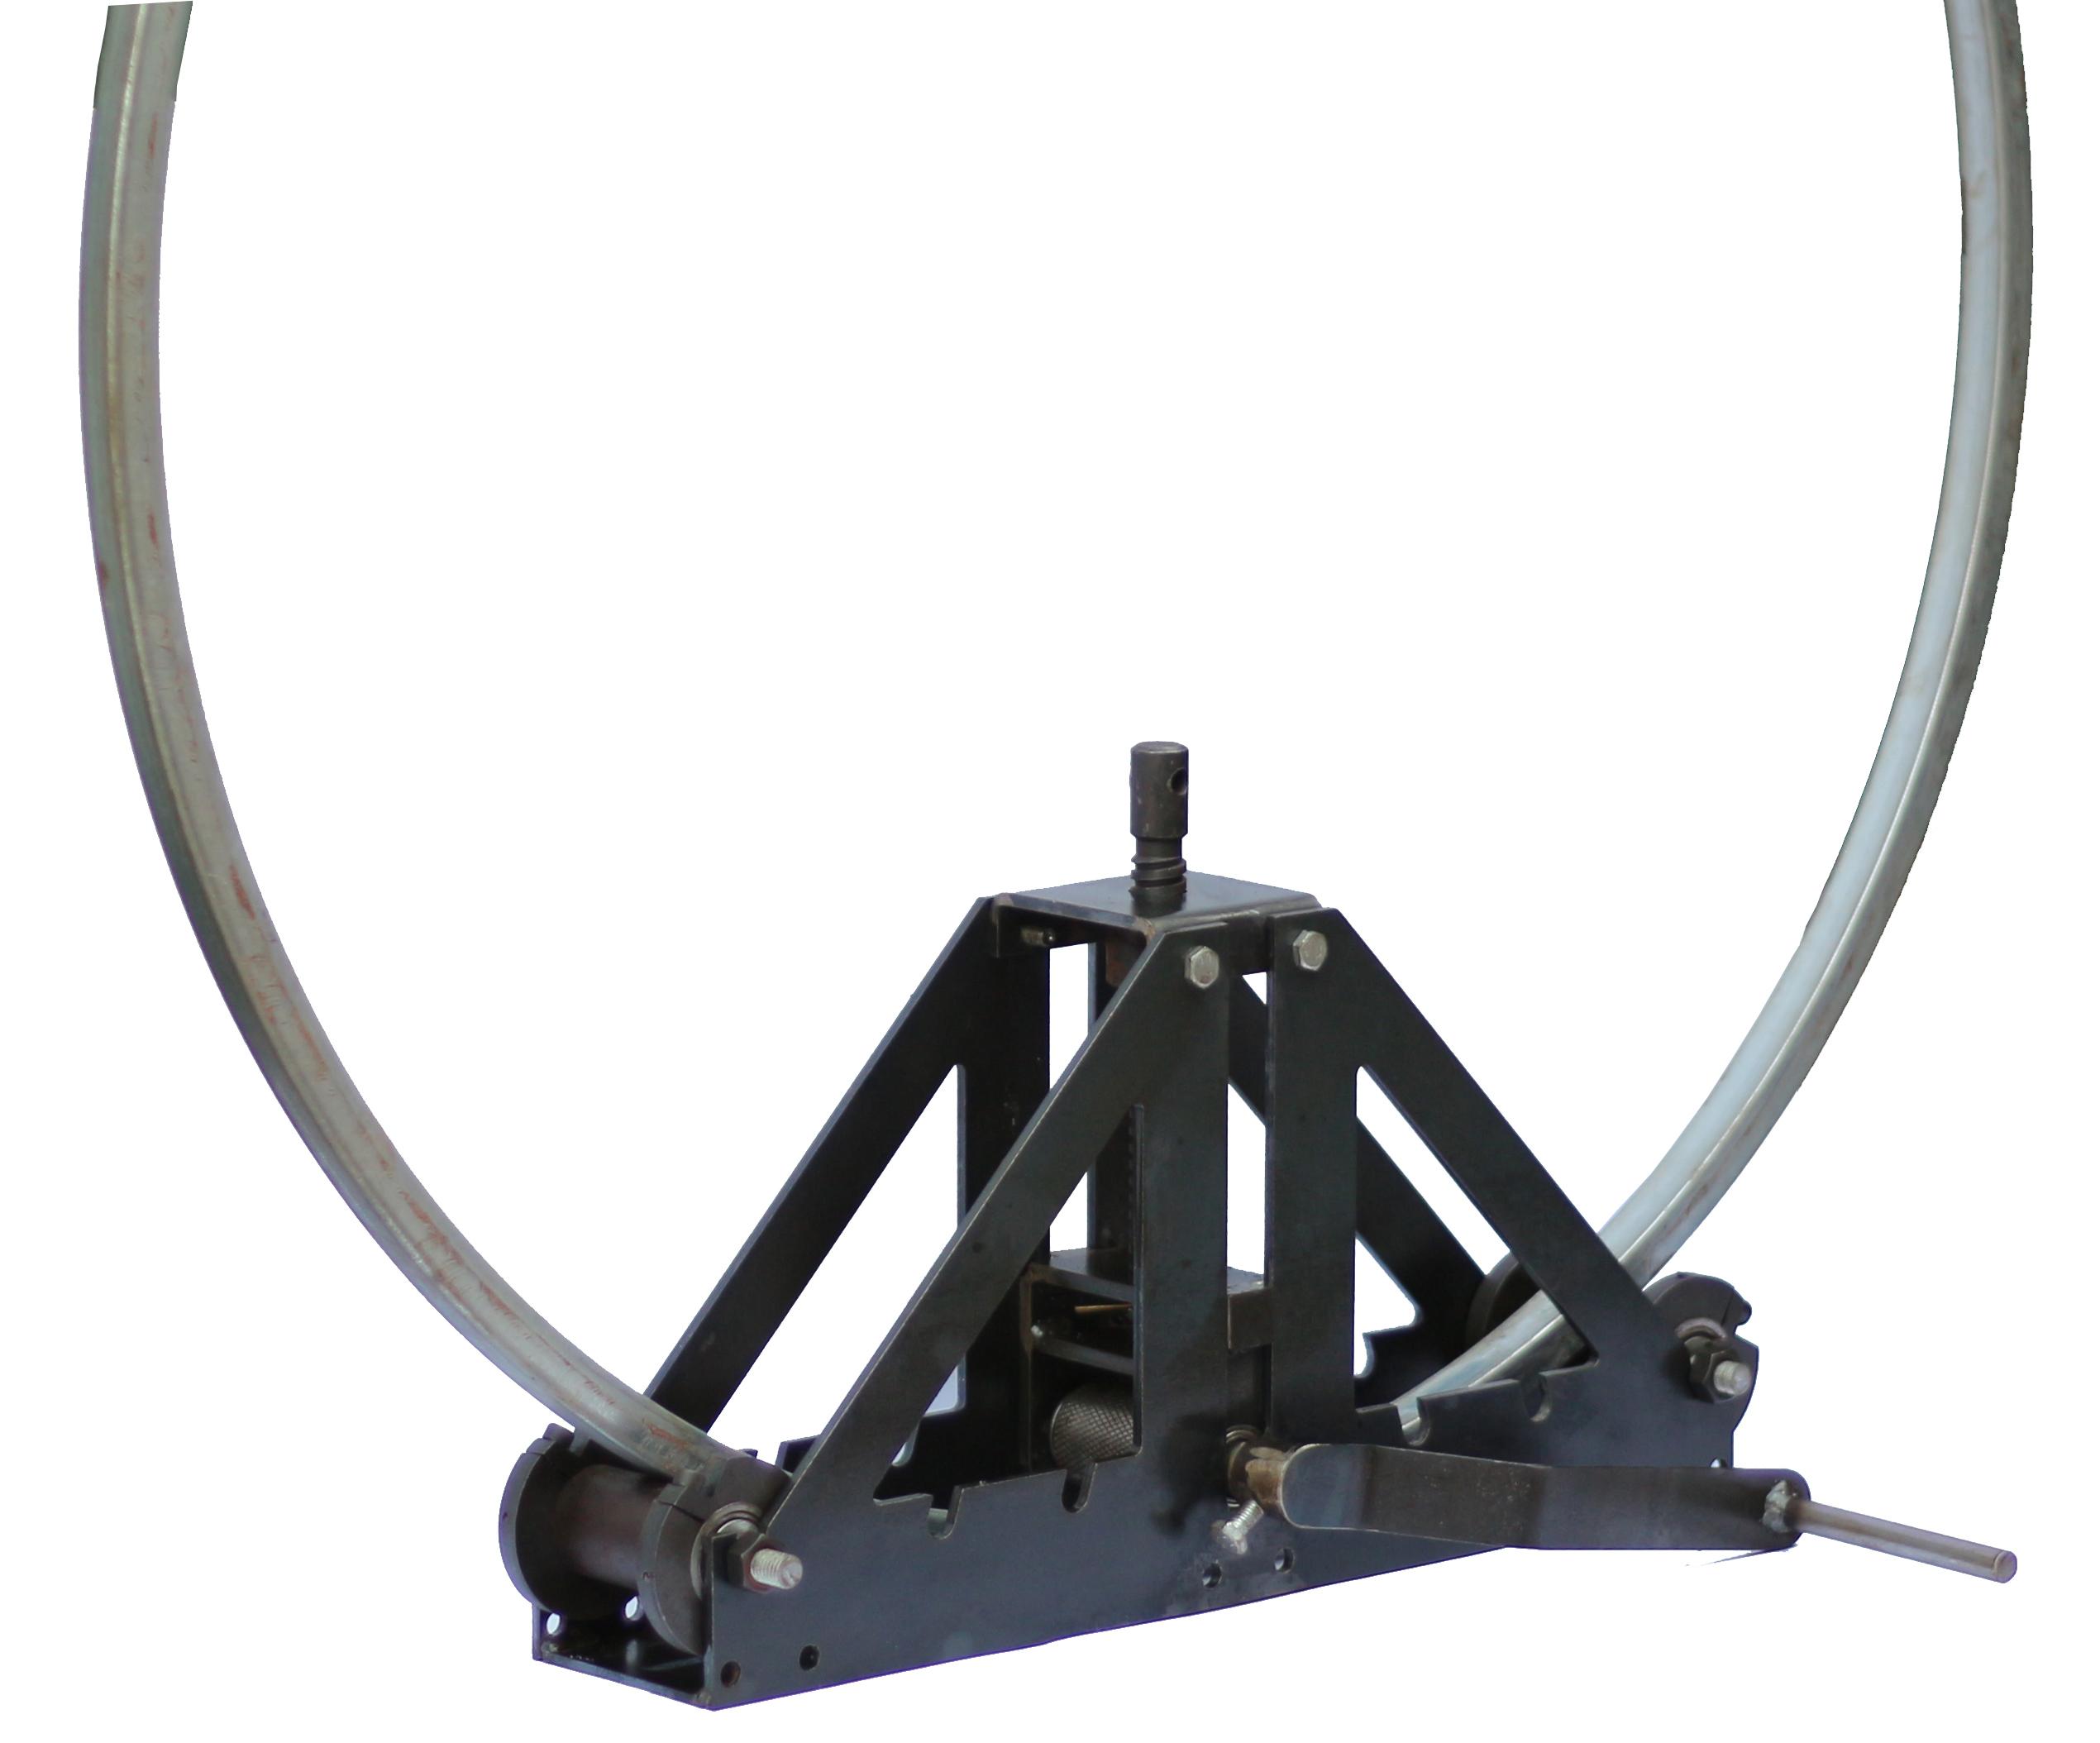 Máy uốn sắt hộp mini - MDU120-20. Dùng uốn sắt hộp từ 30x60 trở xuống, sắt đặc từ vuông 16, phi 16 trở xuống